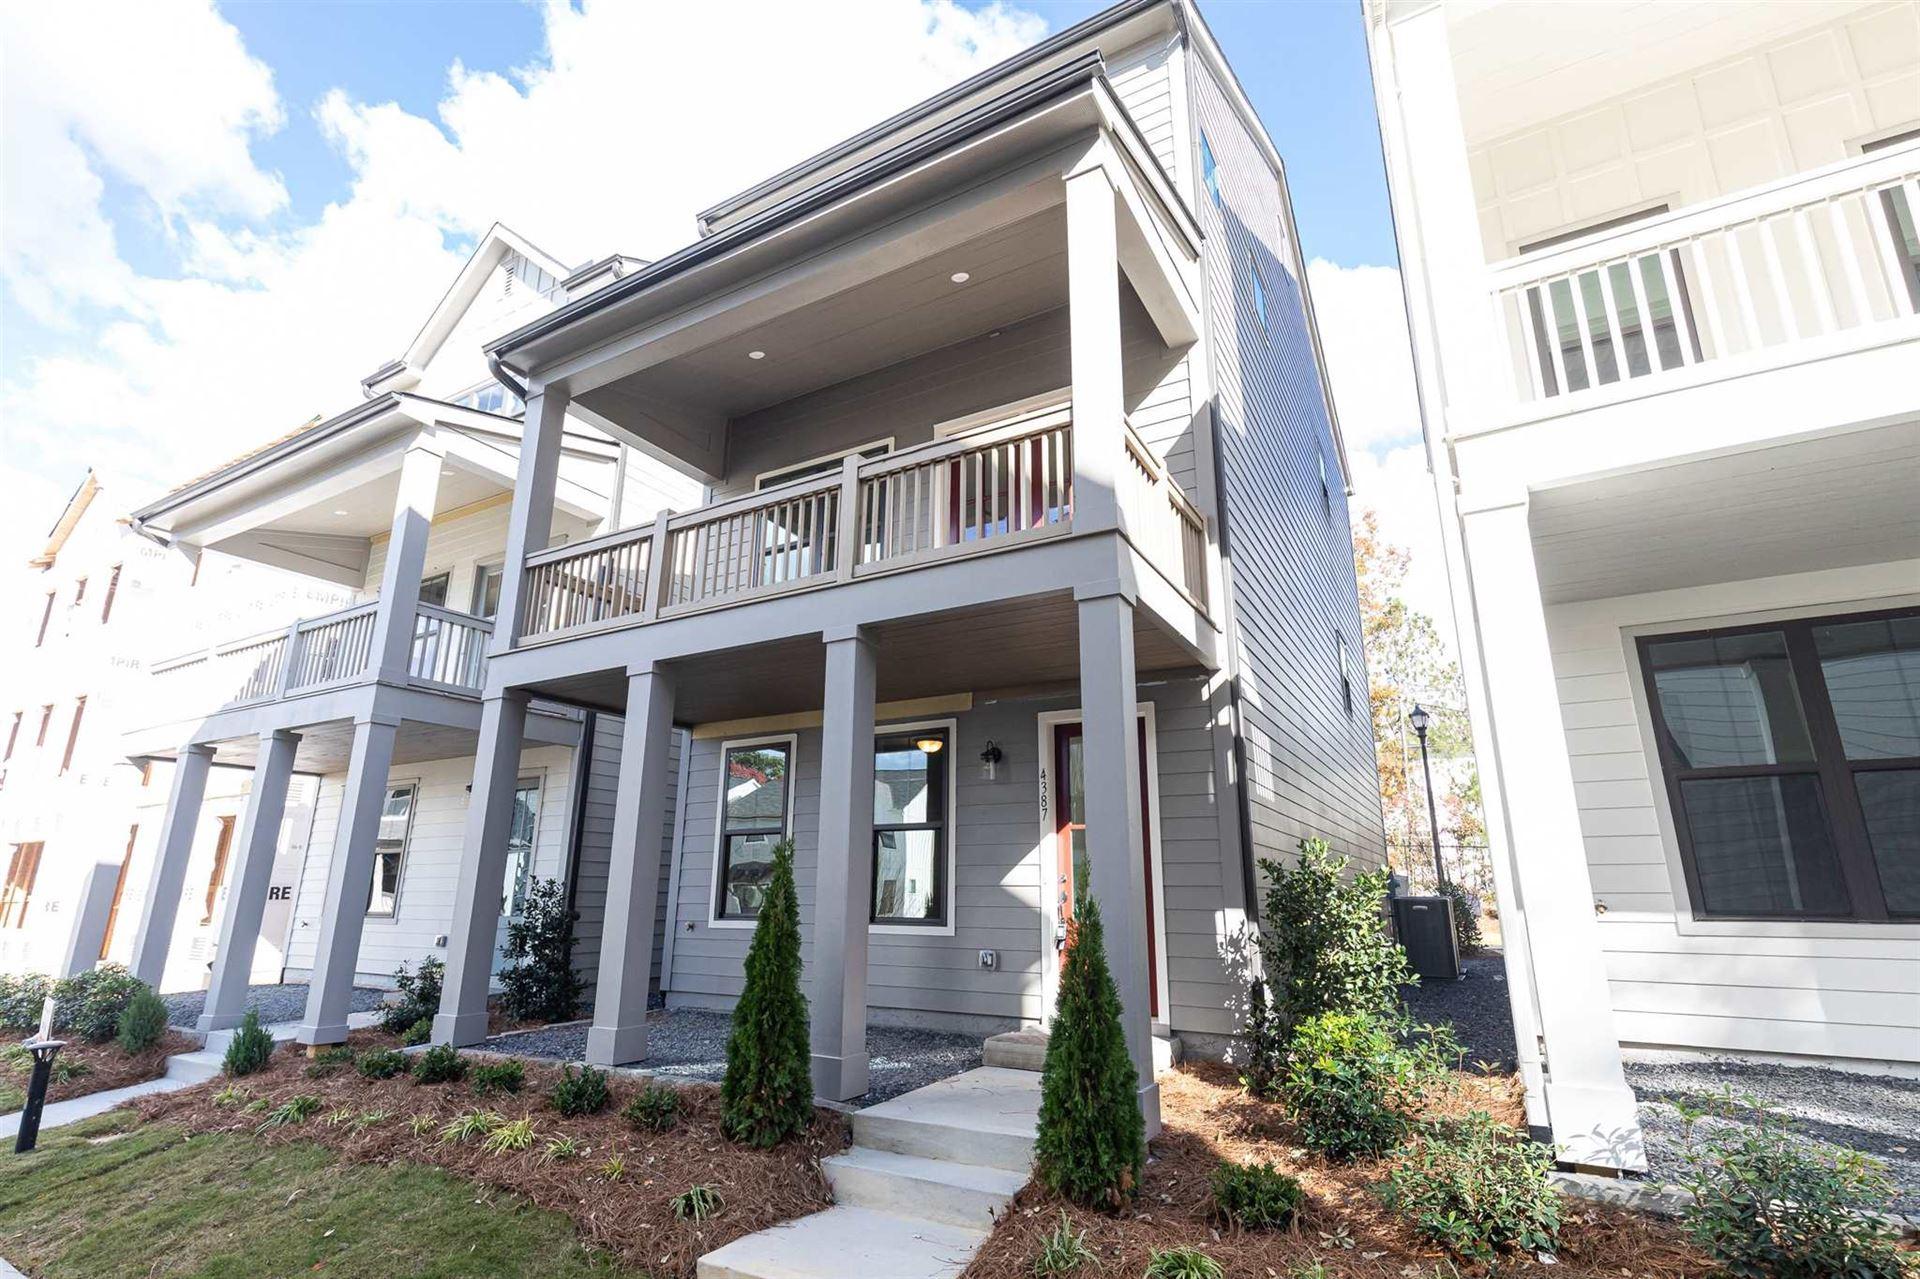 4387 Gillon Cir, Atlanta, GA 30339 - MLS#: 8891995